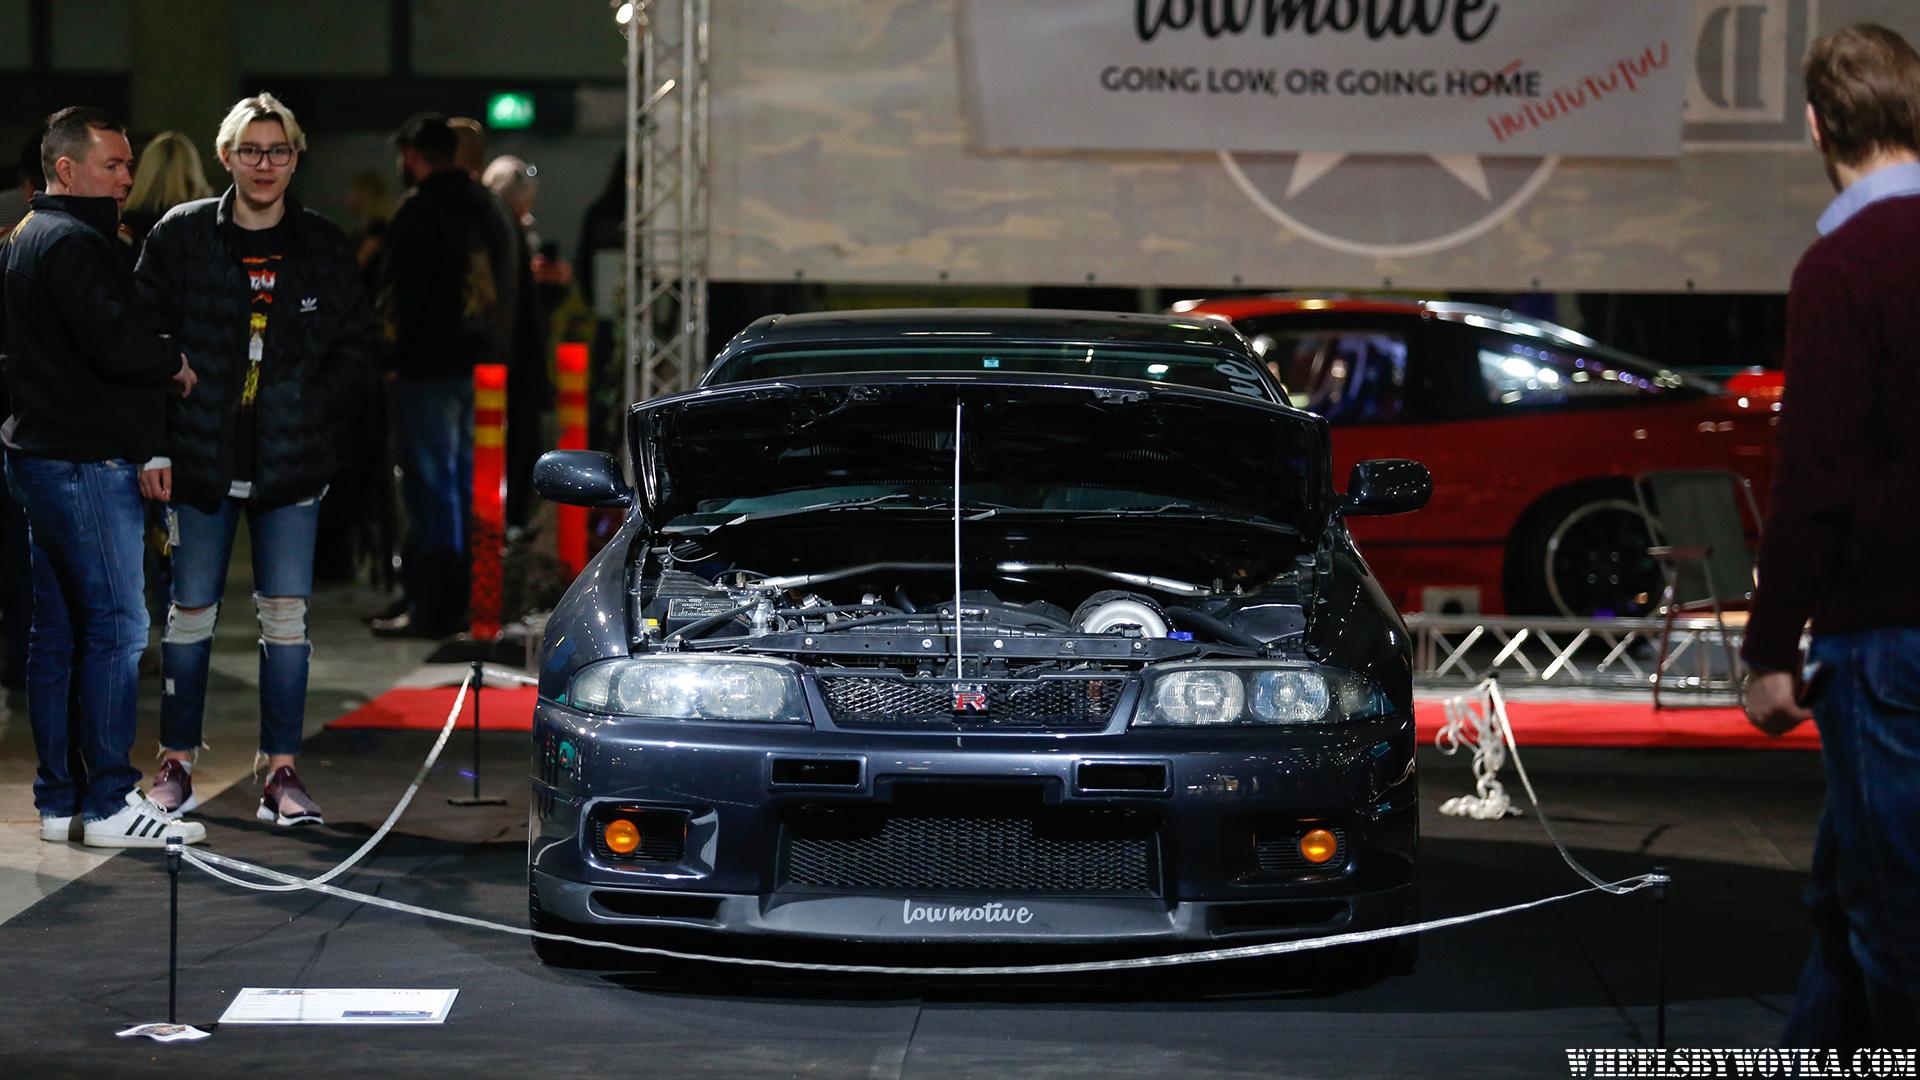 american-car-show-2017-helsinki-by-wheelsbywovka-73